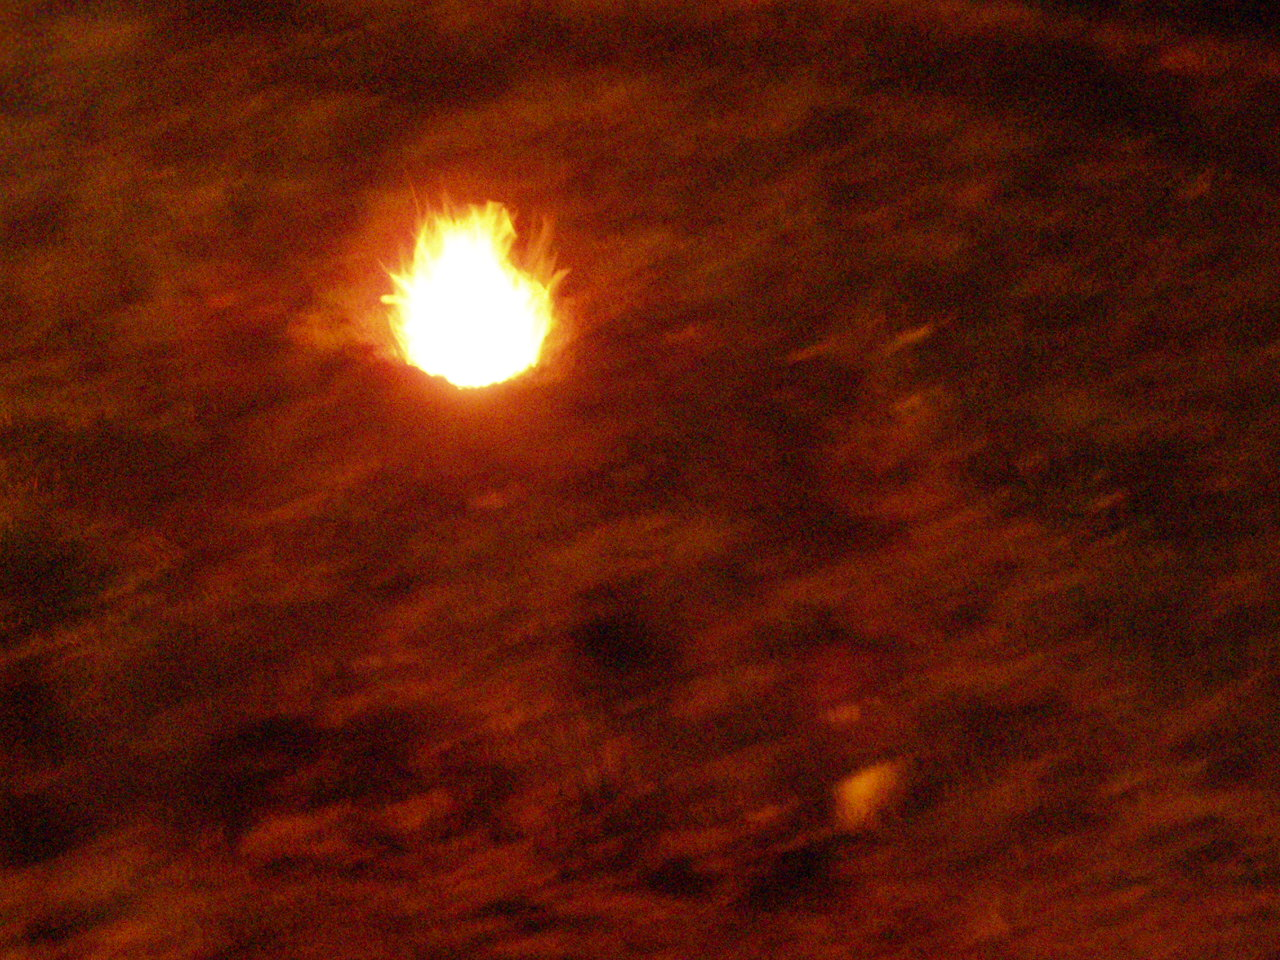 costruzioni vucano vulcani fuoco fiamme cazzate pirate azioni lapilli in giardiono